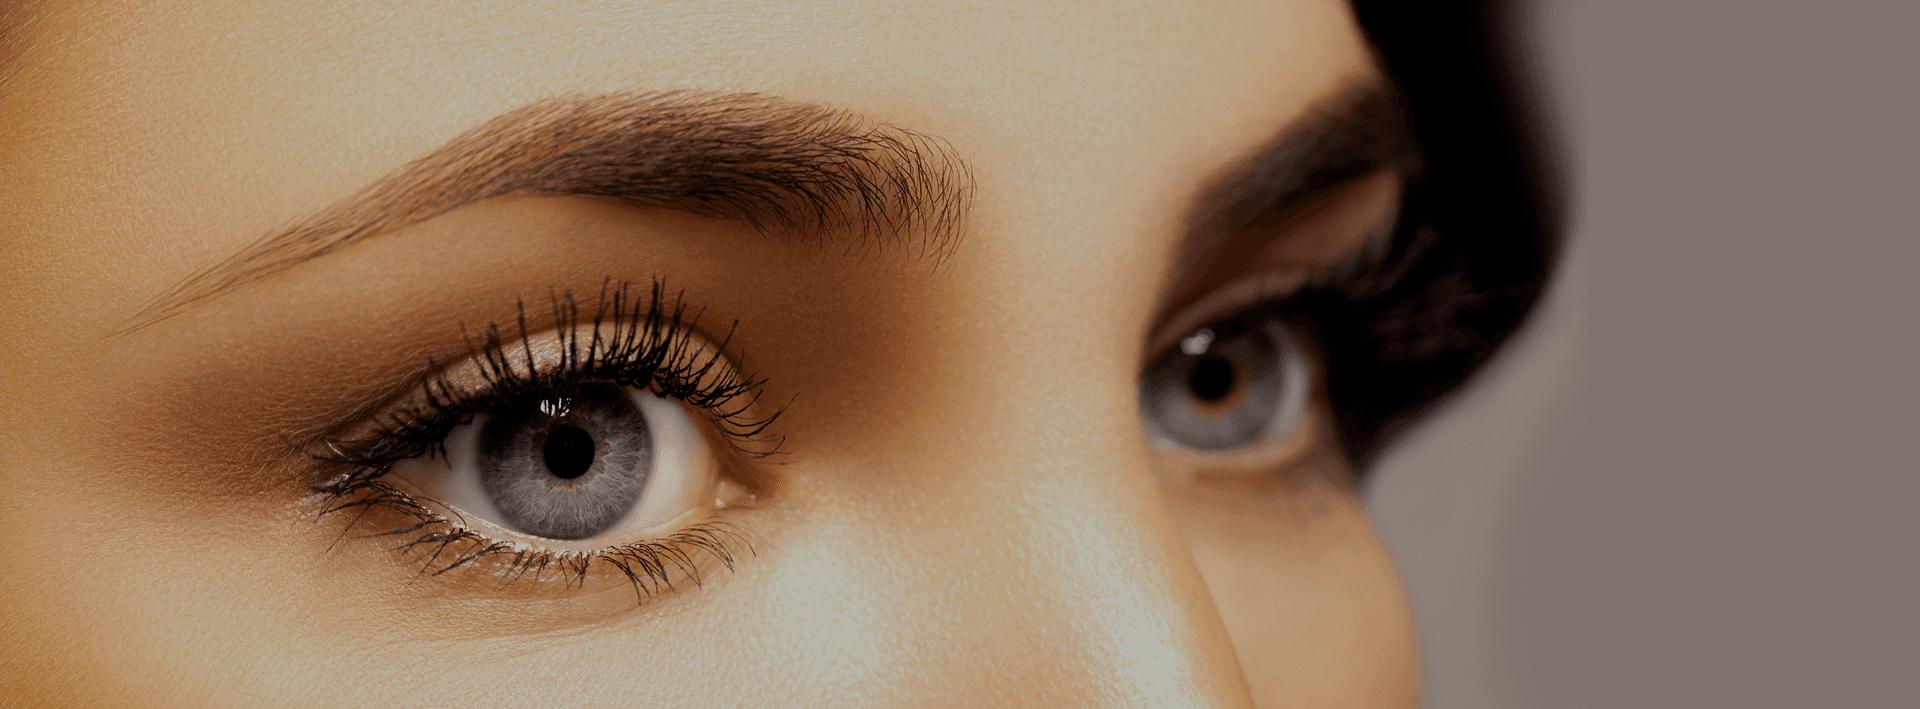 stylish eyelashes